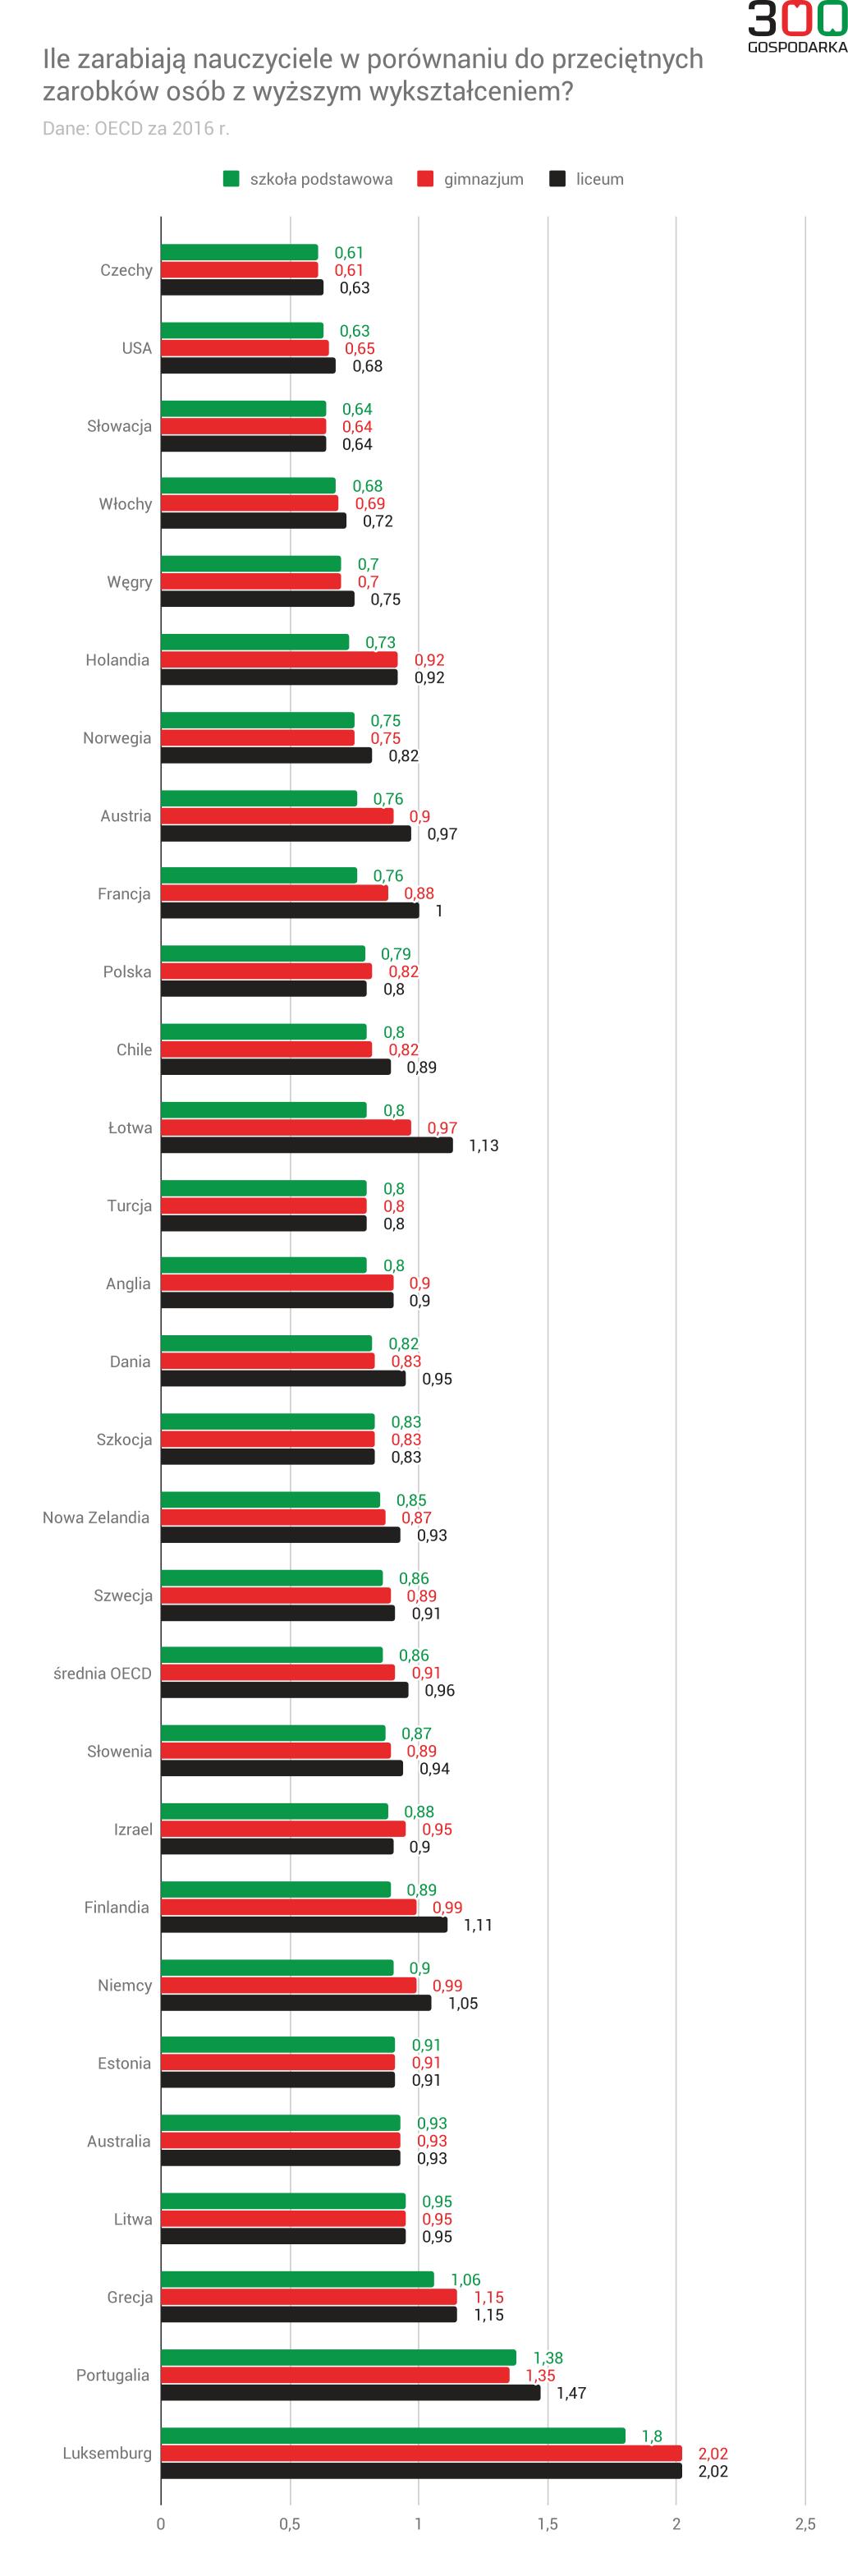 Ile zarabiają nauczyciele w porównaniu do przeciętnych zarobków osób z wyższym wykształceniem? Dane: OECD